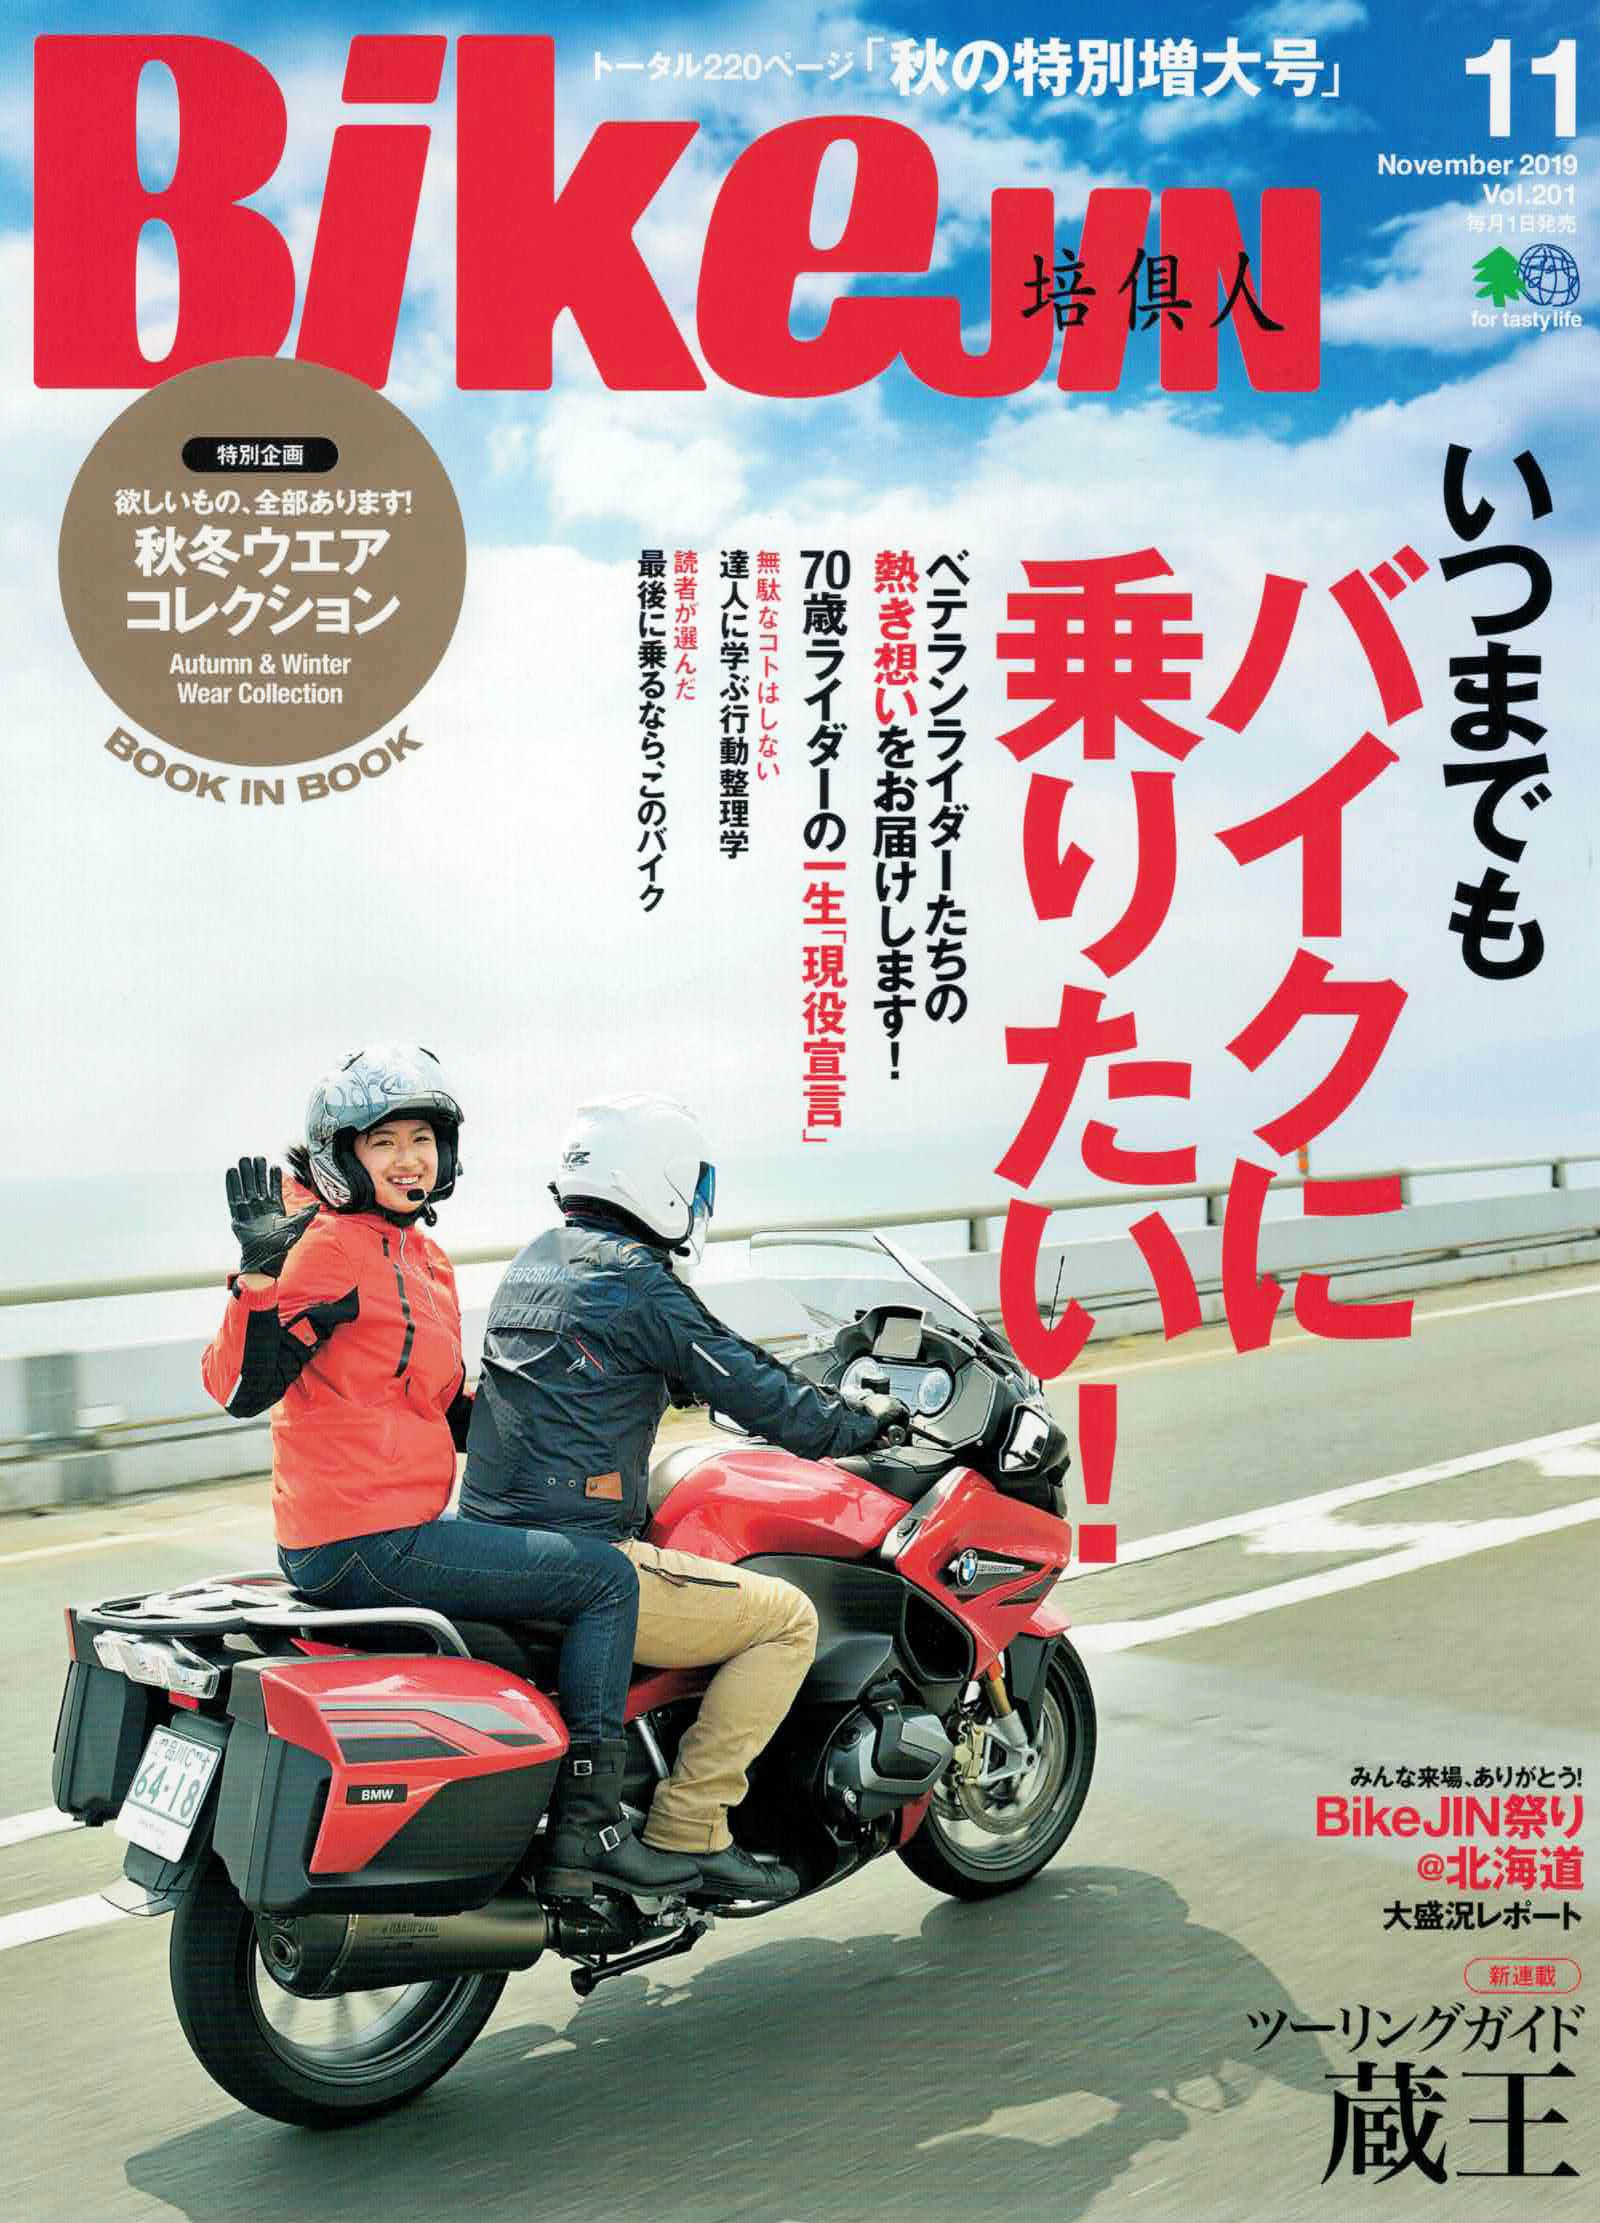 【BikeJIN11月号掲載】Lambretta